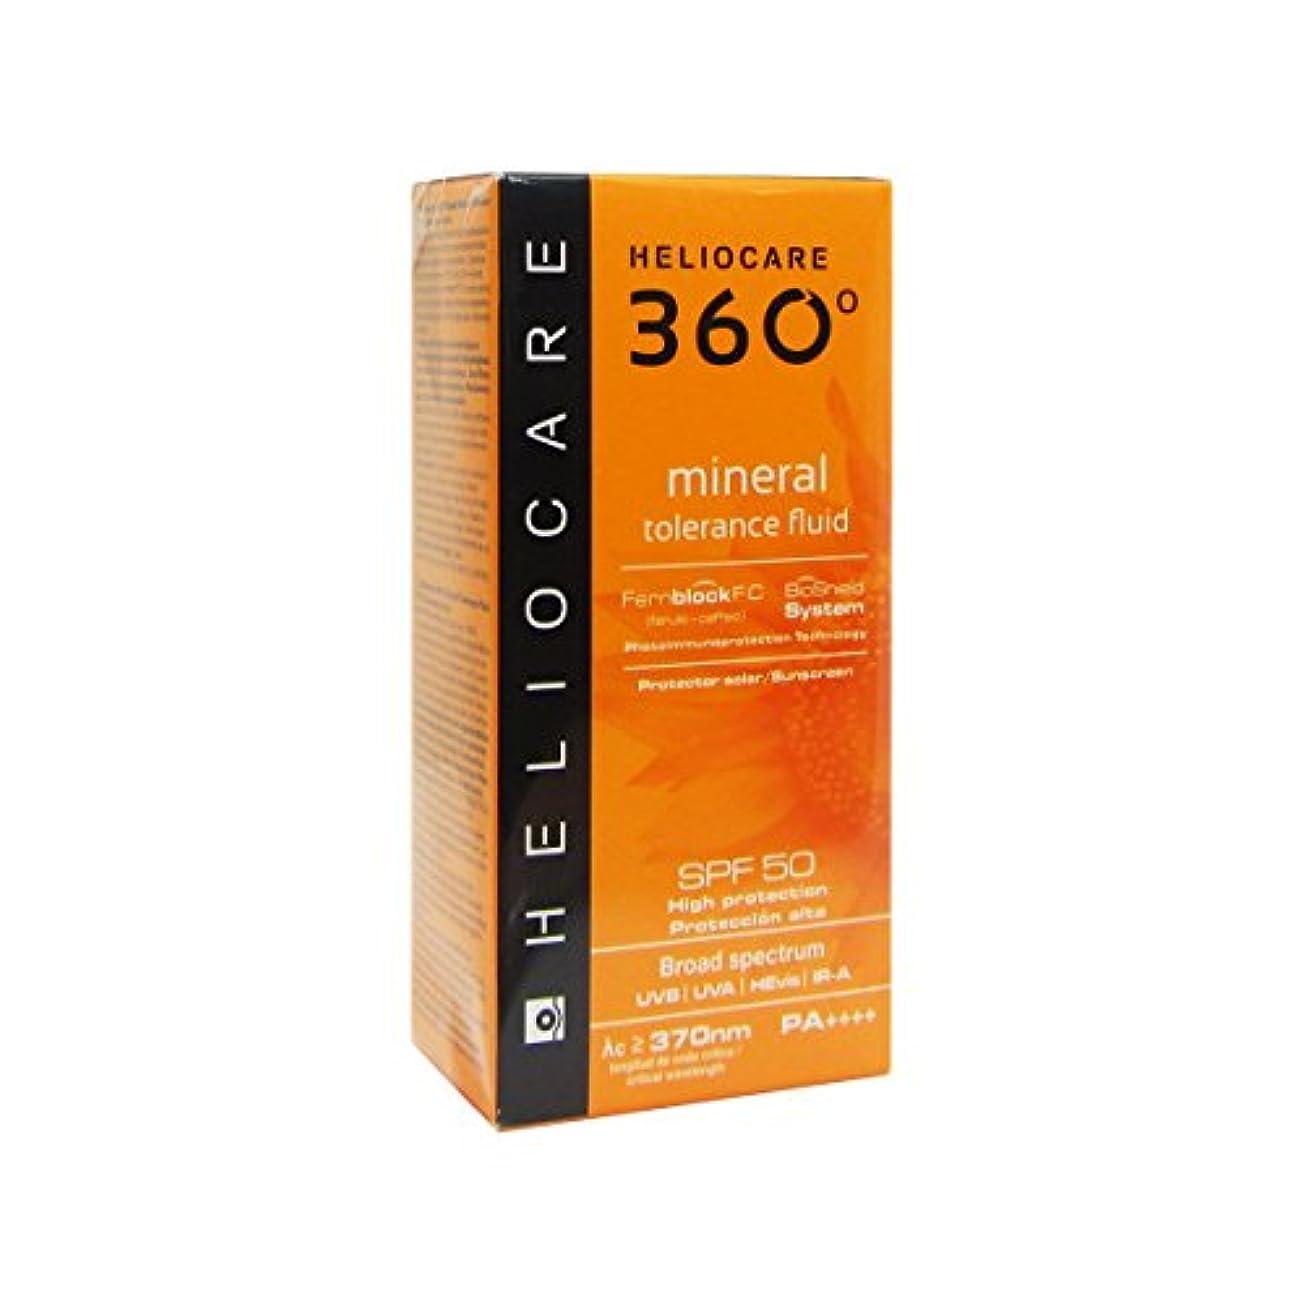 オズワルド汗旋回Heliocare 360 Mineral Tolerance Fluid Spf50 50ml [並行輸入品]